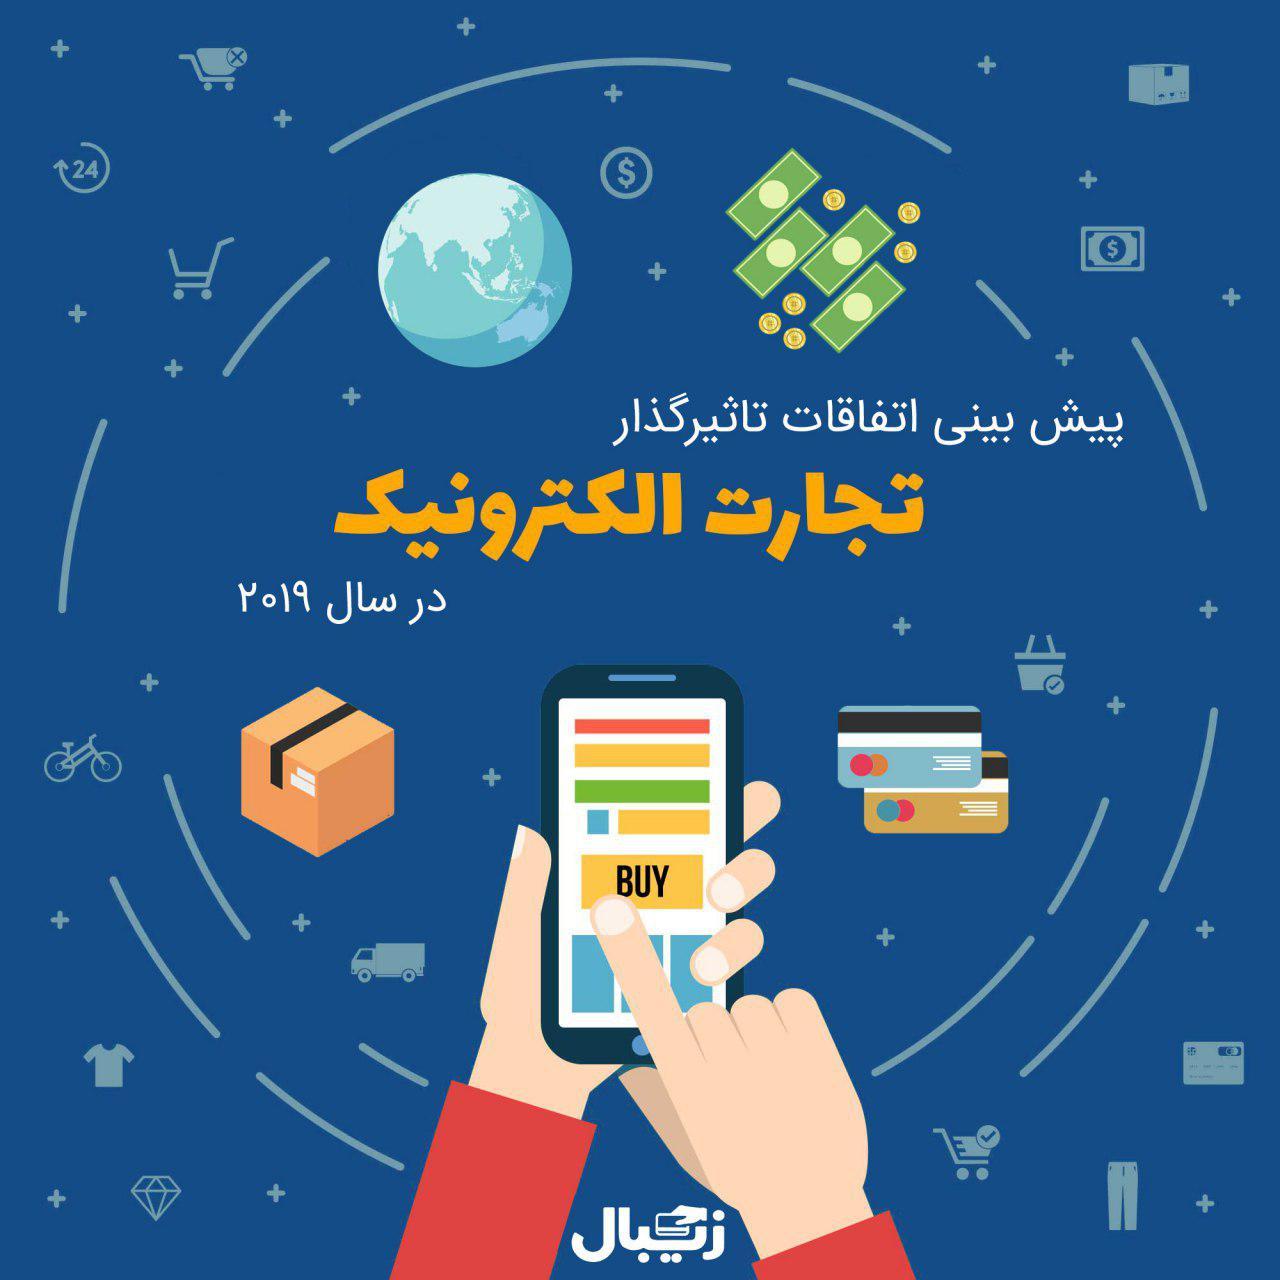 موبایل بانک تجارت الکترونیک